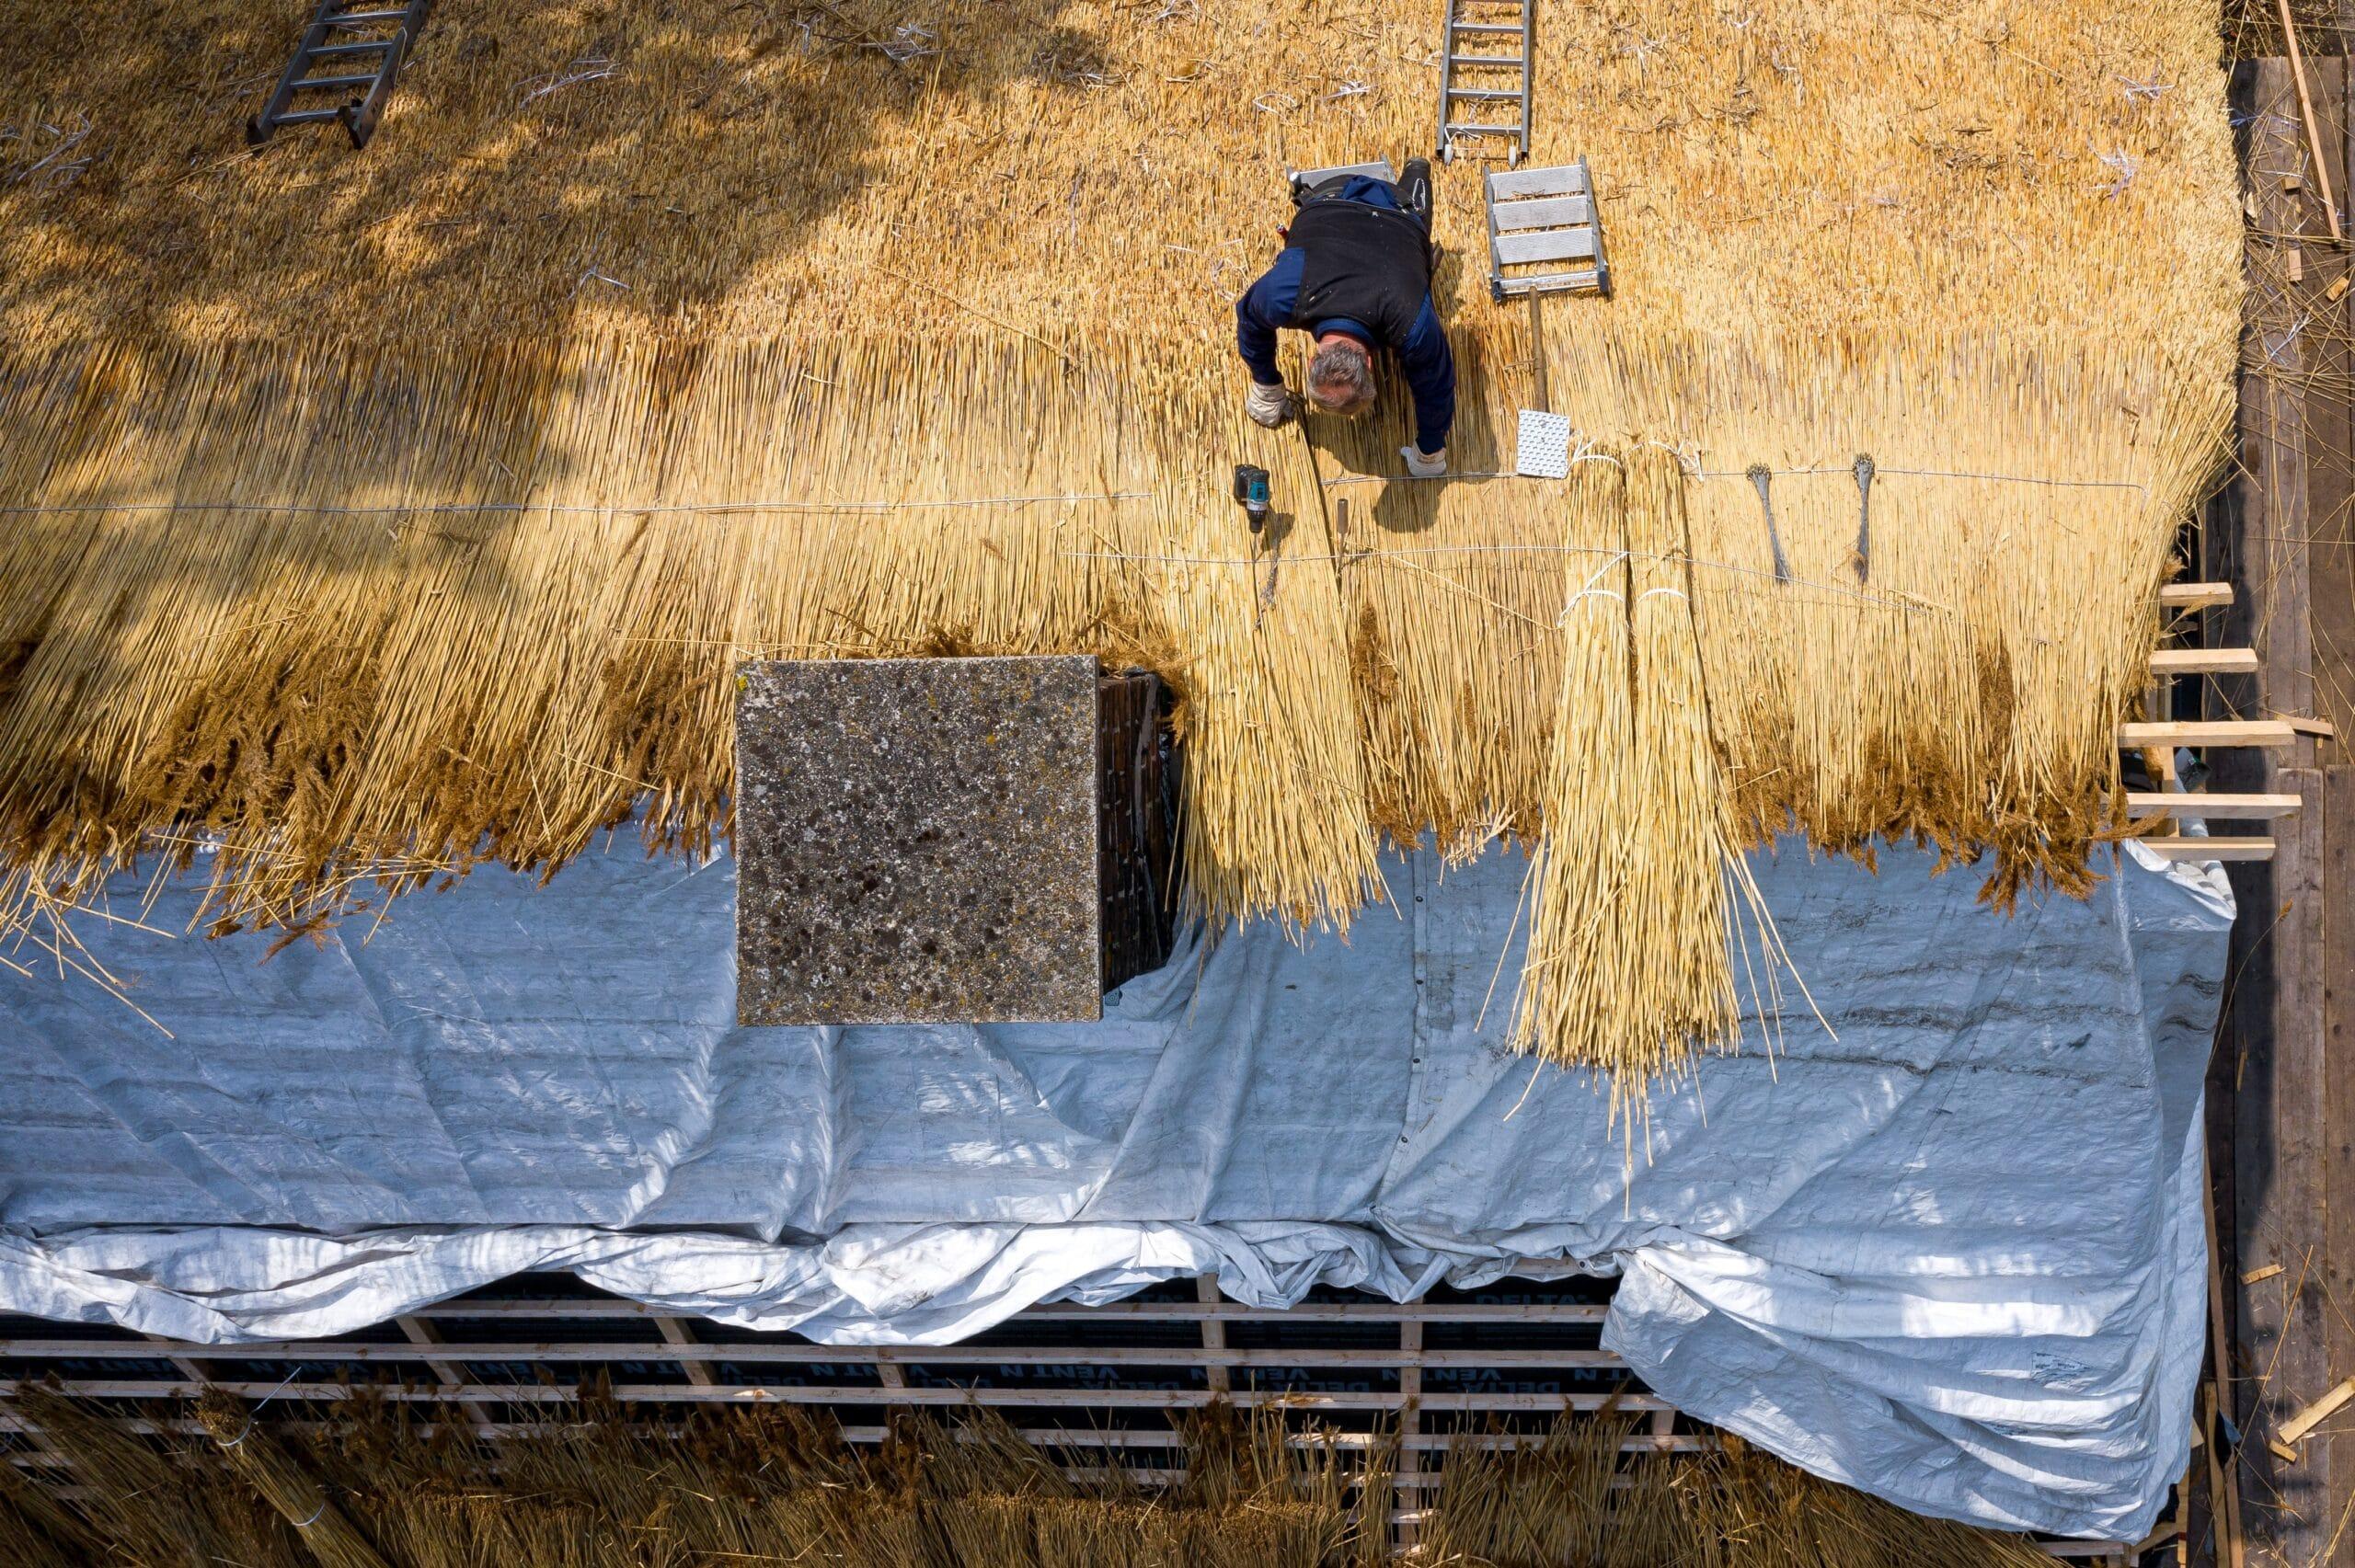 Reetdächer prägen vor allem in Norddeutschland das Landschaftsbild - eine der ältesten Handwerkstechniken beim Hausbau ist noch heute gefragt. Doch bei dem traditionsreichen Handwerk gibt es Zukunftssorgen.